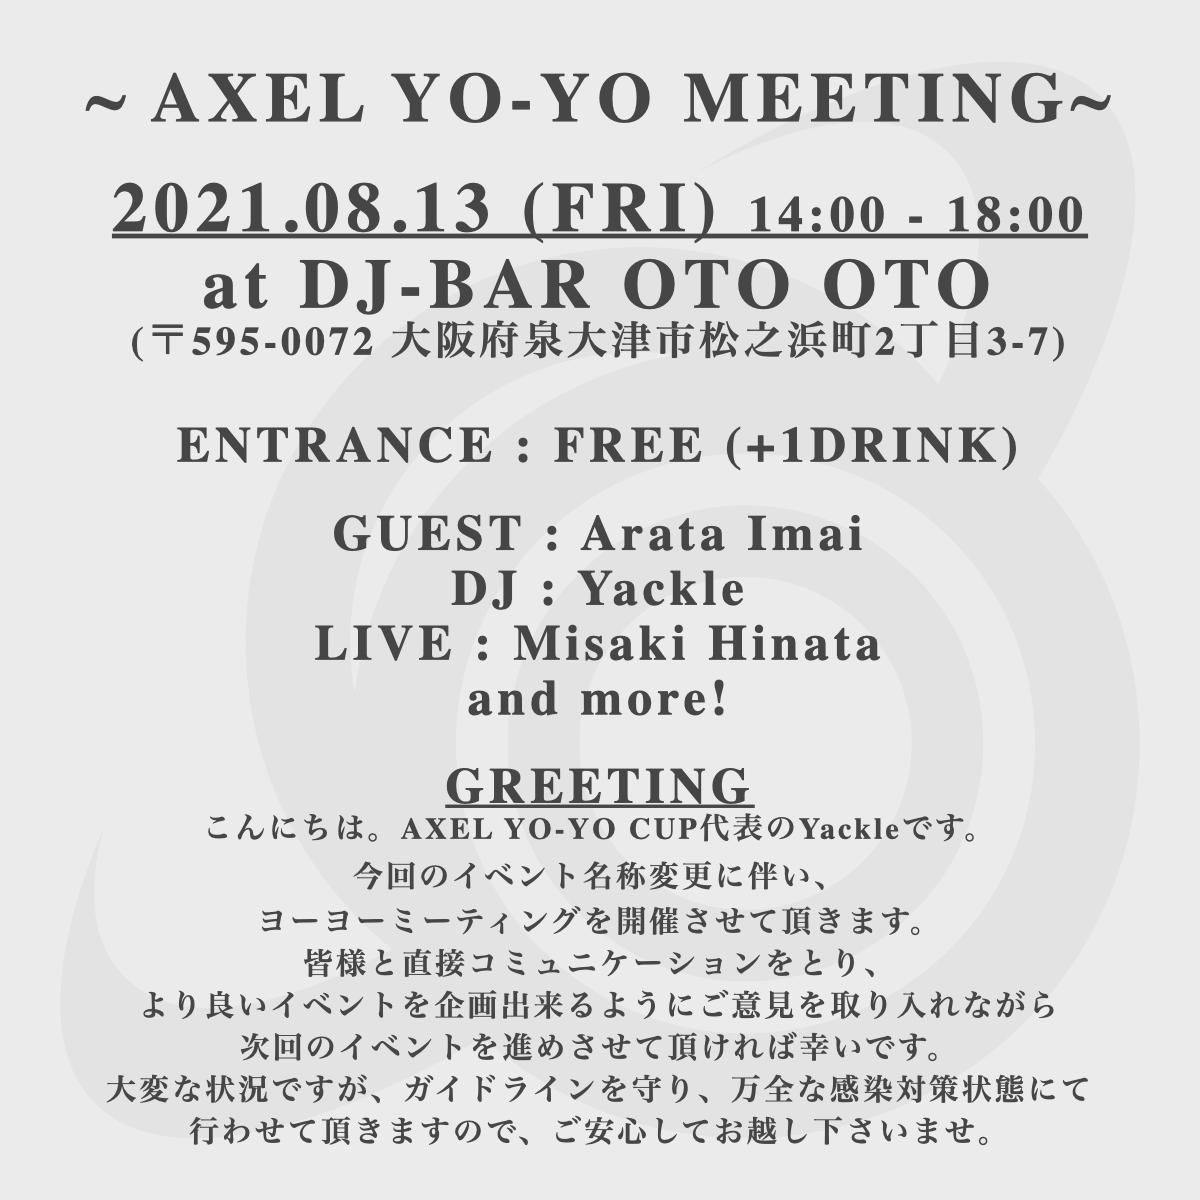 イベント開催のお知らせ / Next event announcement